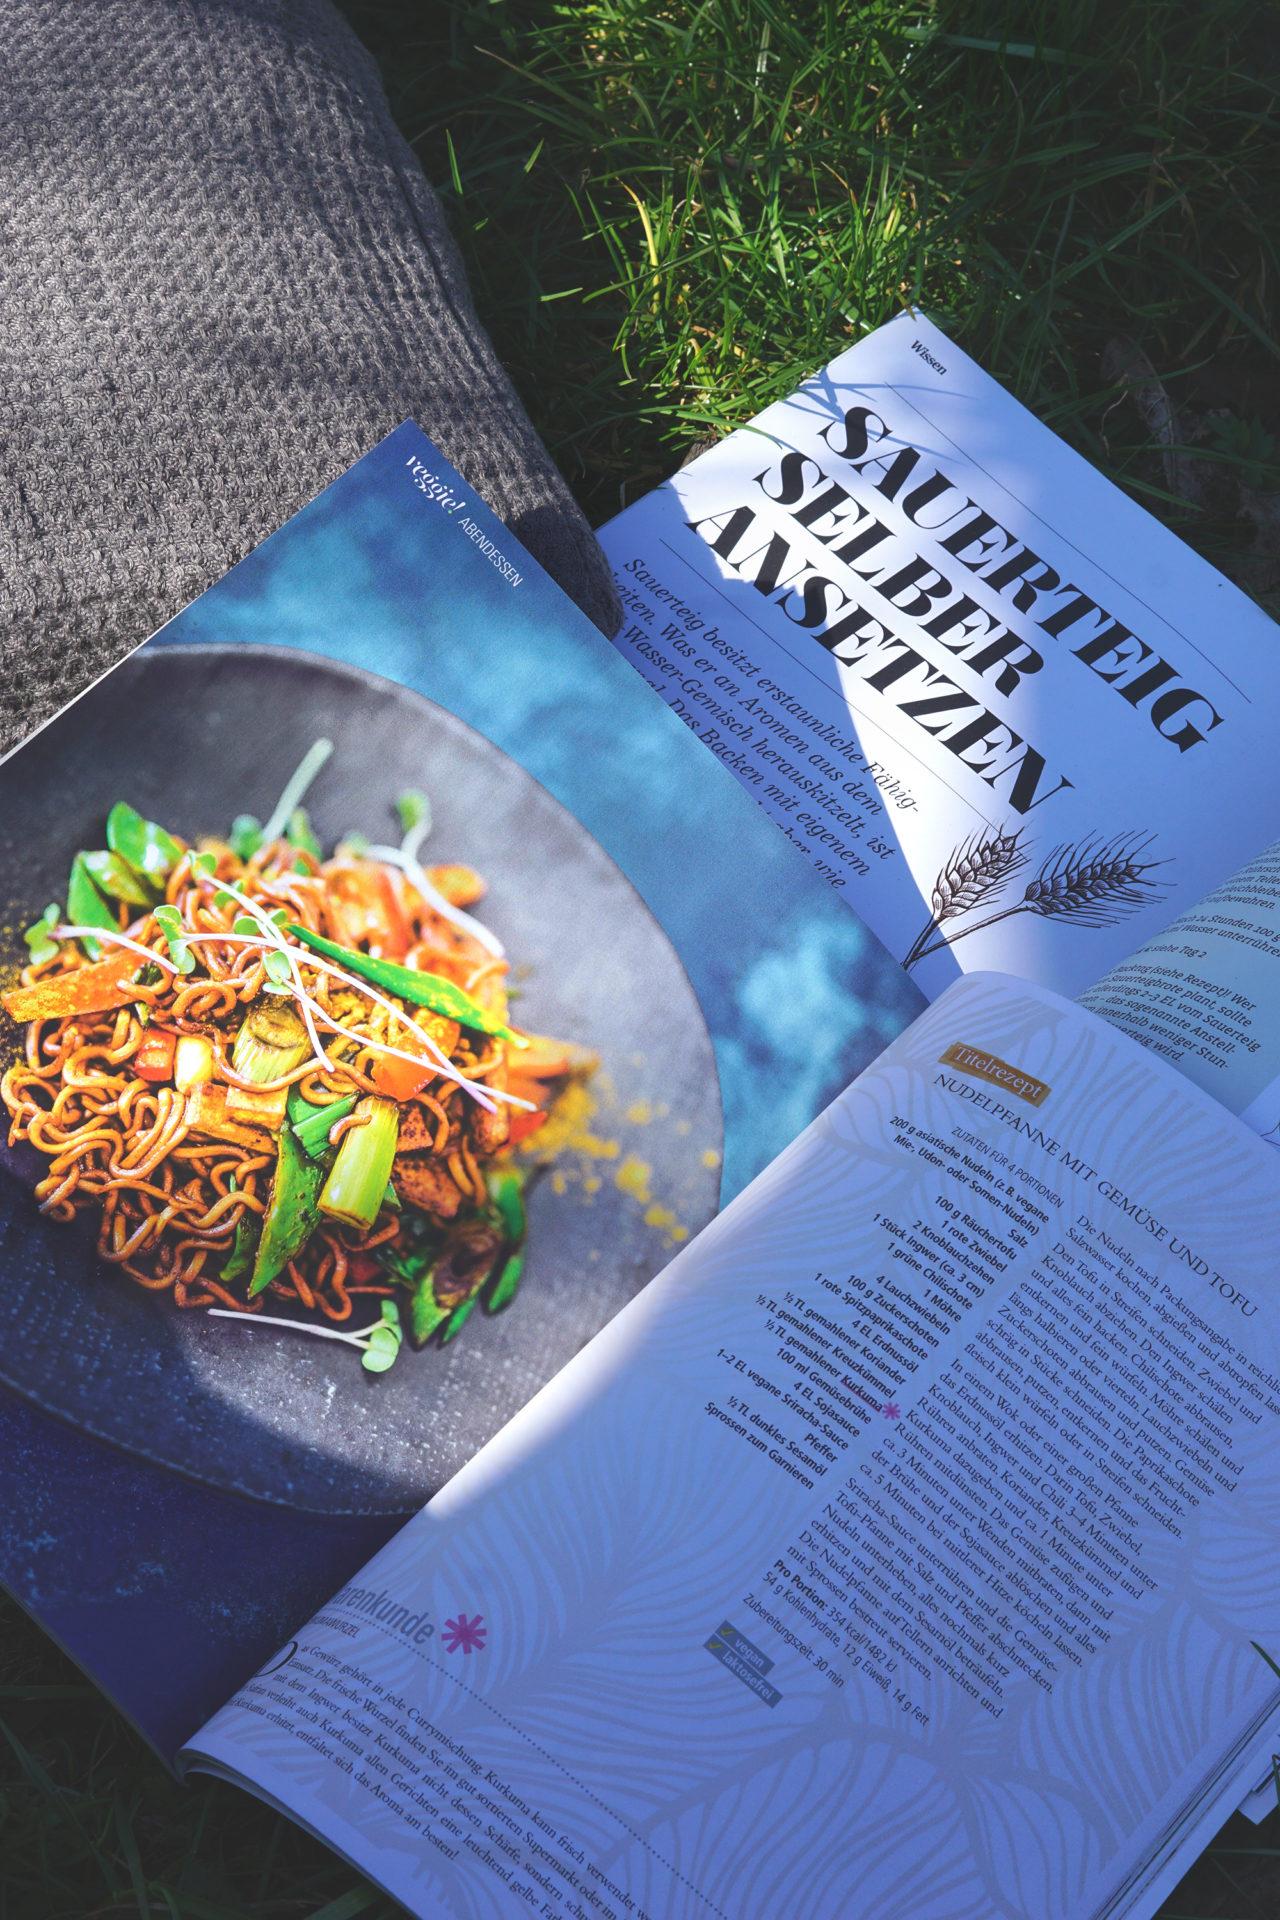 Vegane Magazine